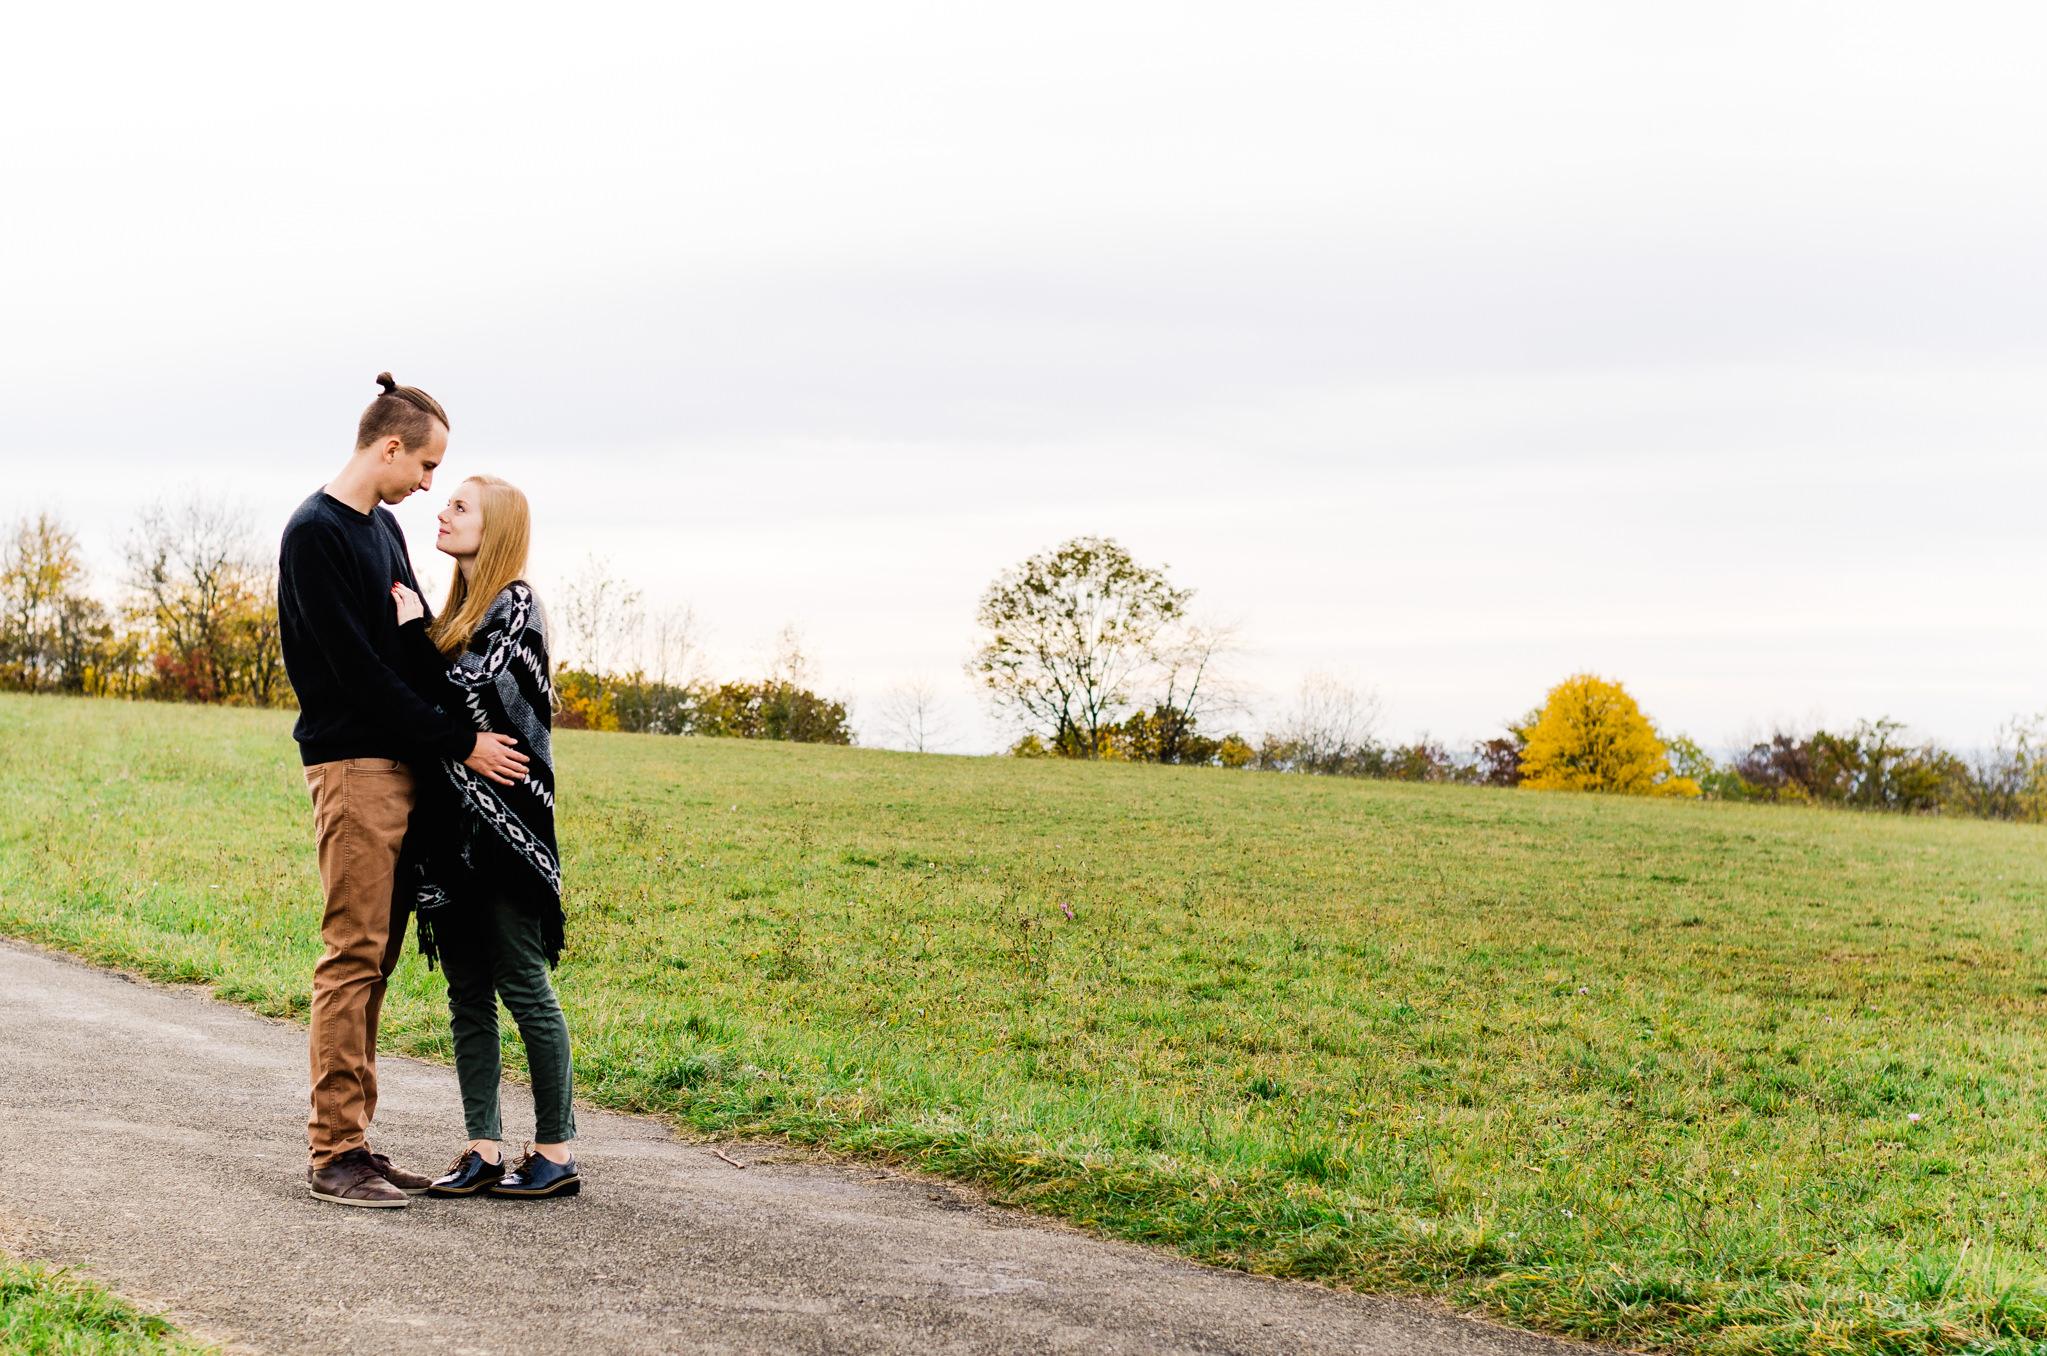 Paarfotografie Zeitlose Und Romantische Pärchenbilder